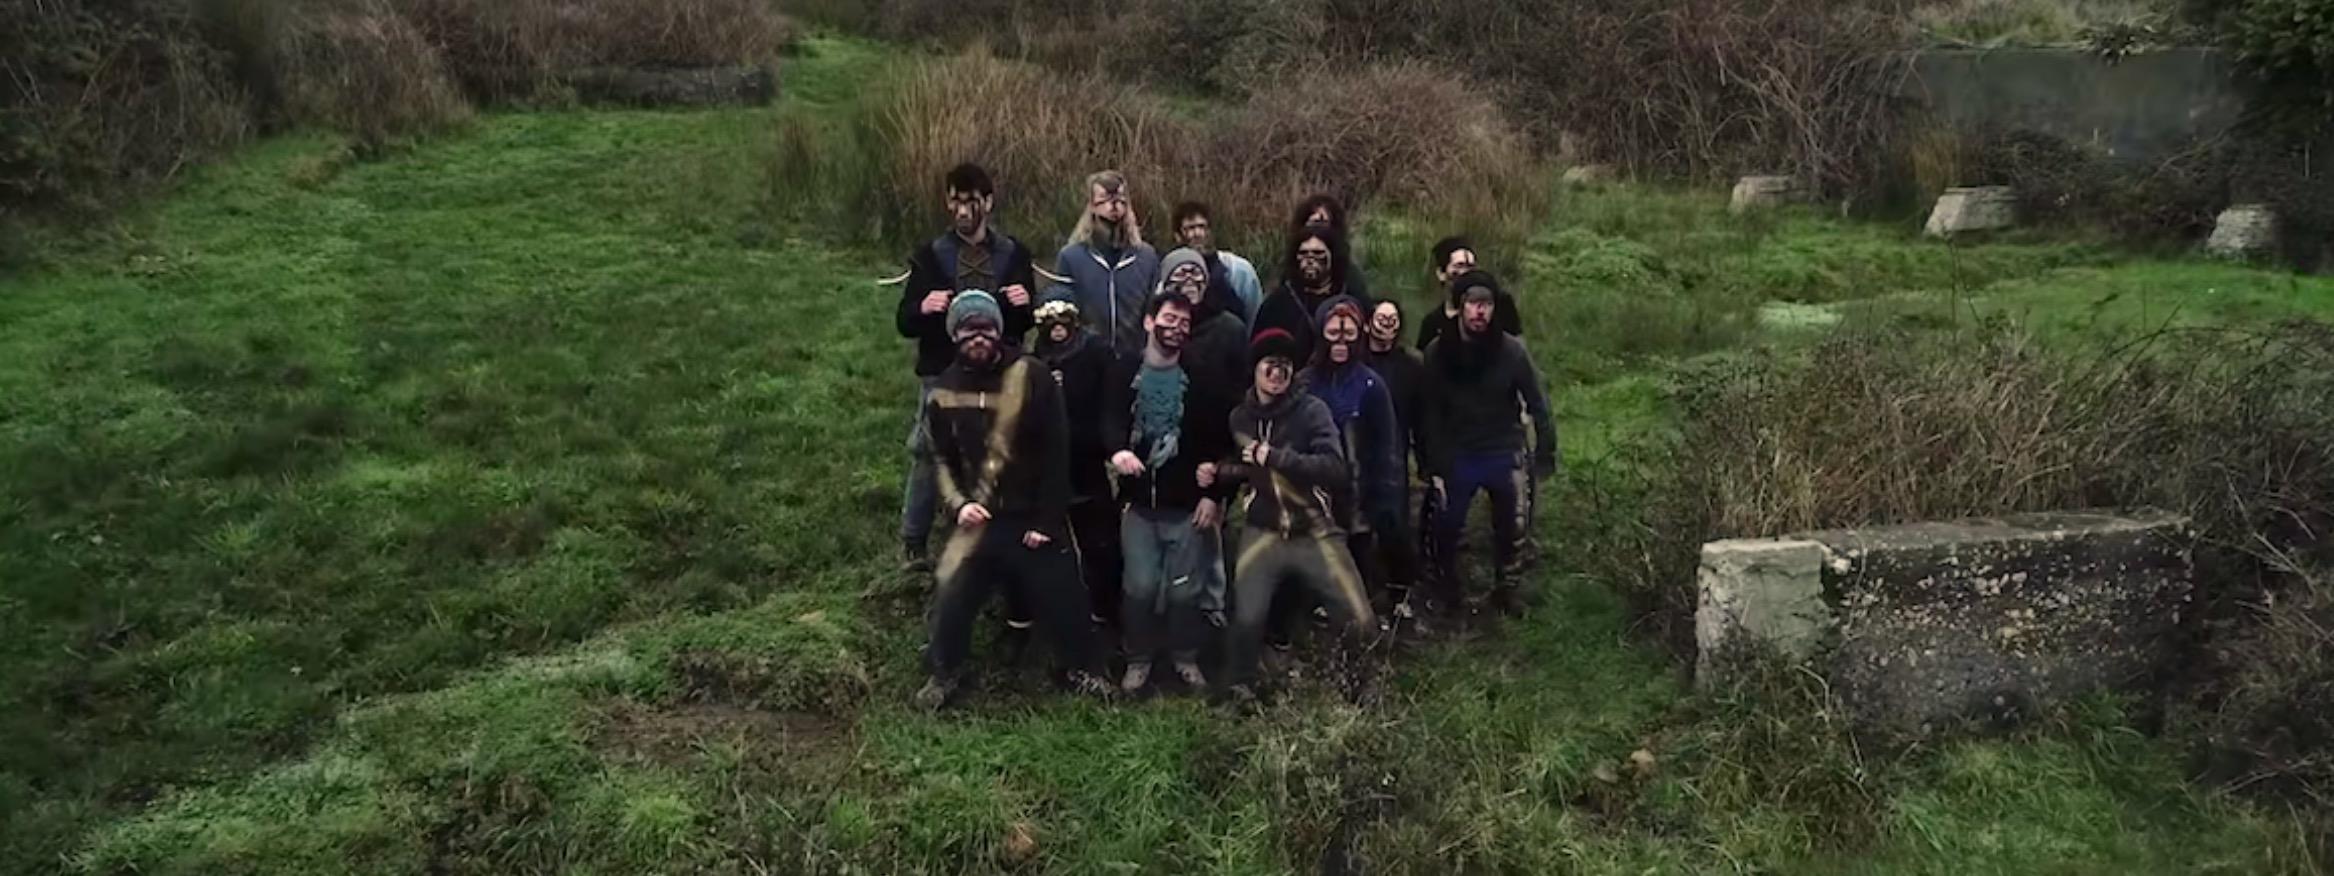 La banda durante el rodaje del video Chaltumay, imagen de Alejandro Espinoza y Marcela Toledo